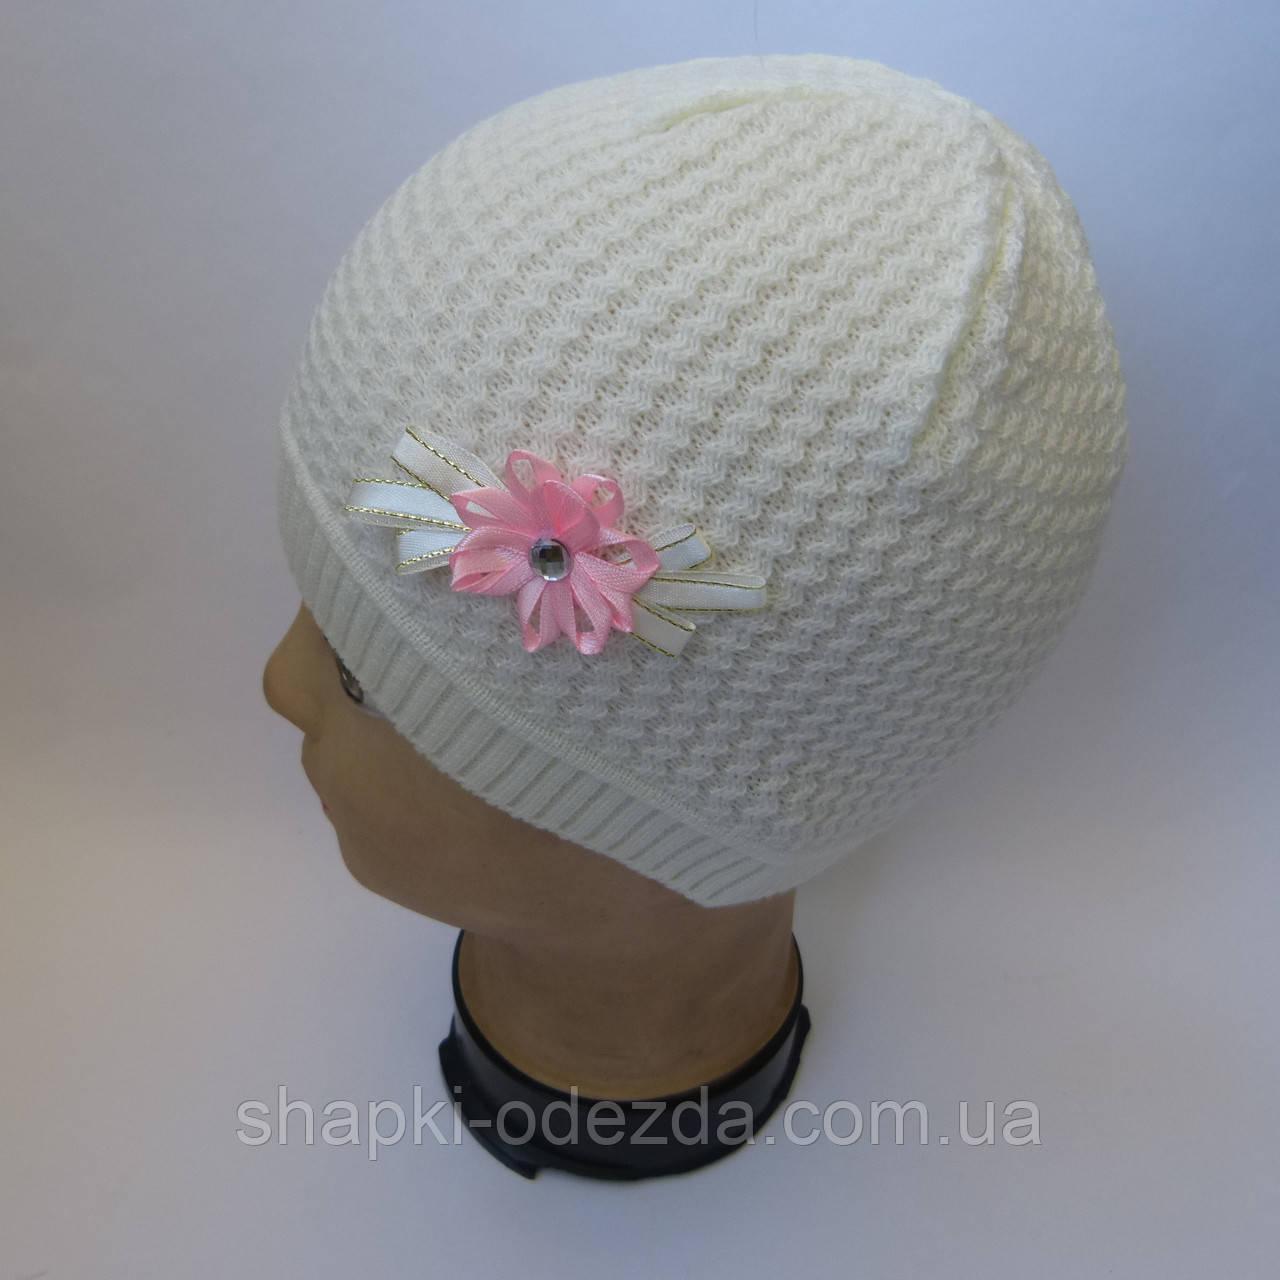 Детская вязаная шапка для девочки 3-5 лет оптом